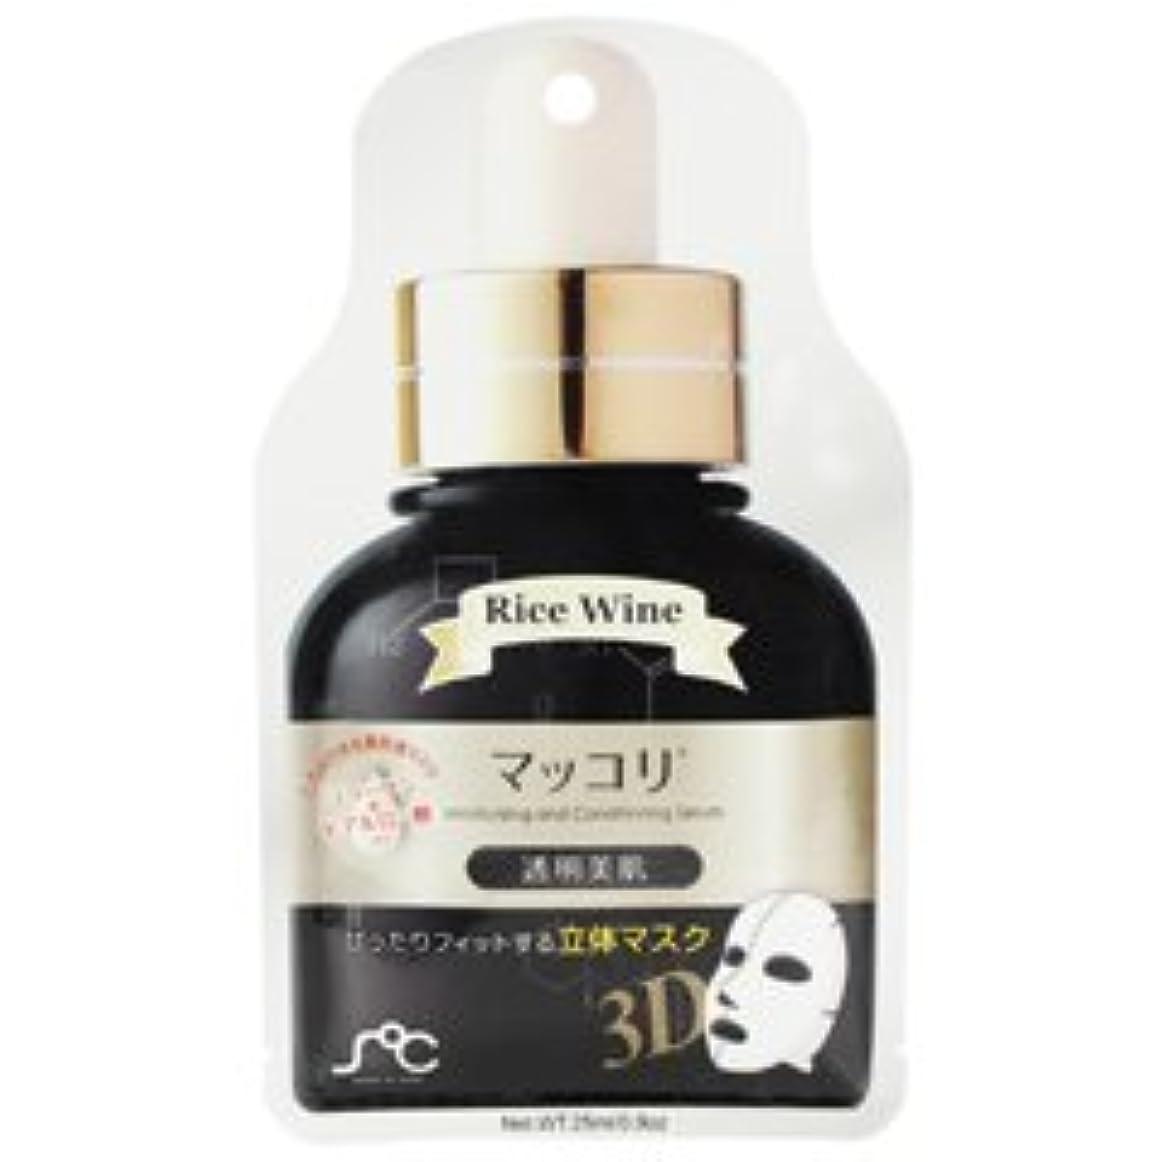 タンザニア歌詞利得【レインボー ビューティ】SOC 3D 美容液 フェイスマスク マッコリ 25ml [並行輸入品]